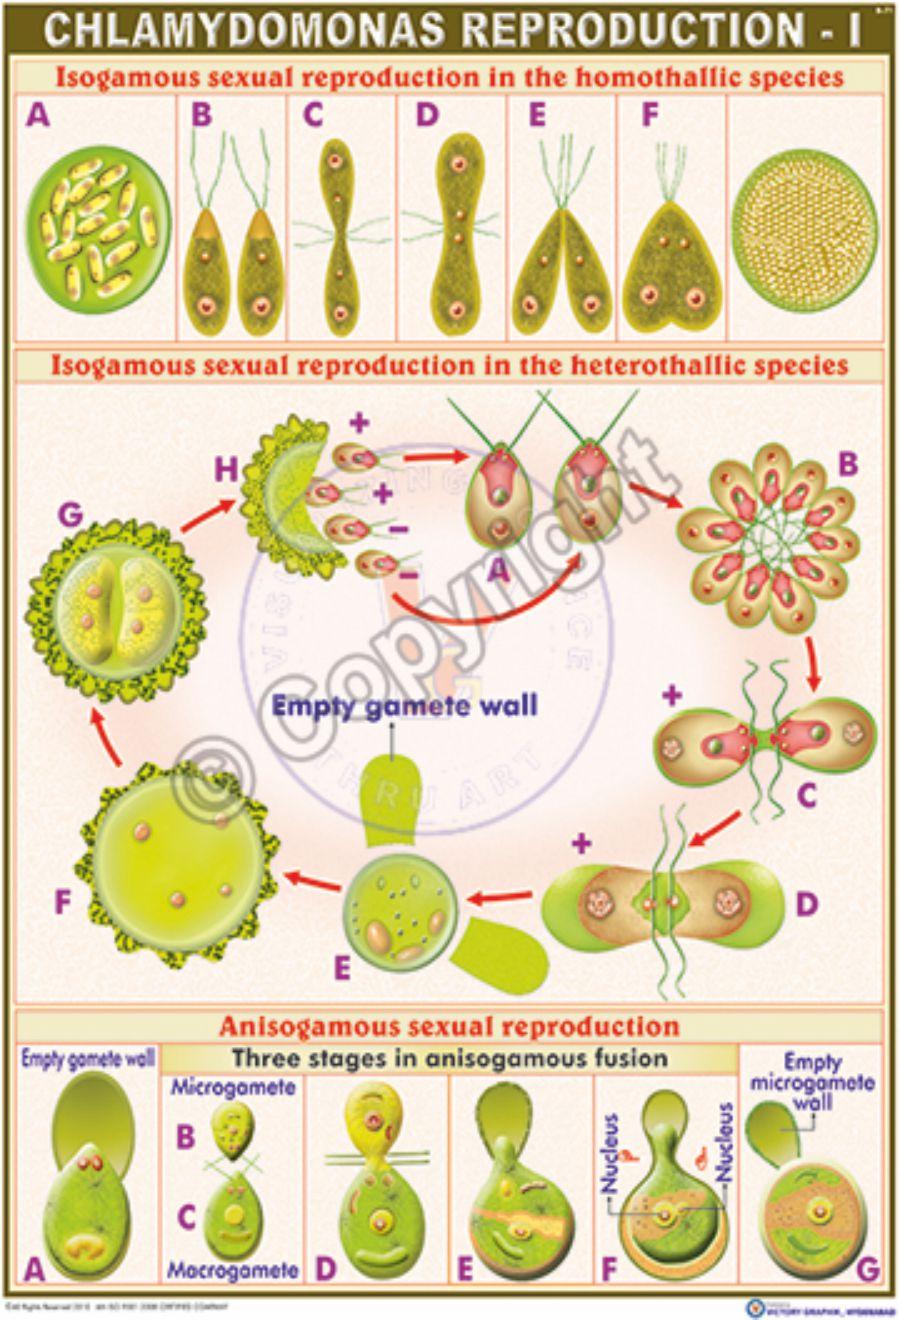 Sexually reproducing algae